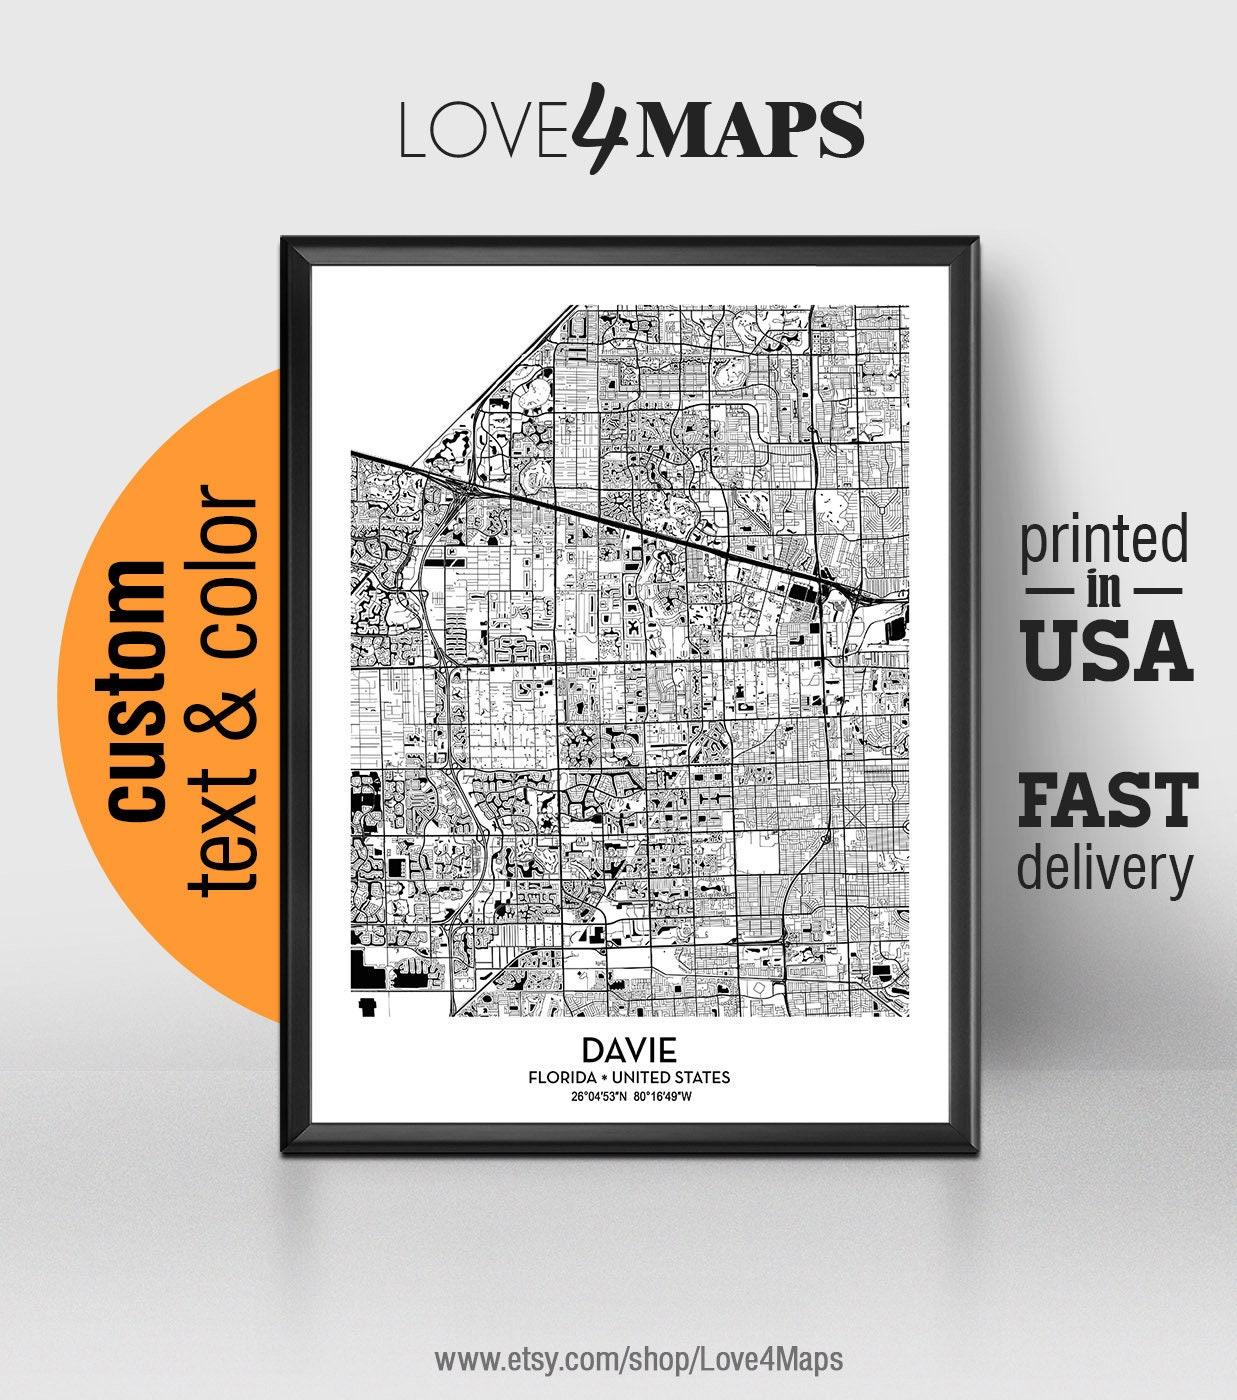 Davie Florida Map Davie City Print Davie Poster | Etsy on